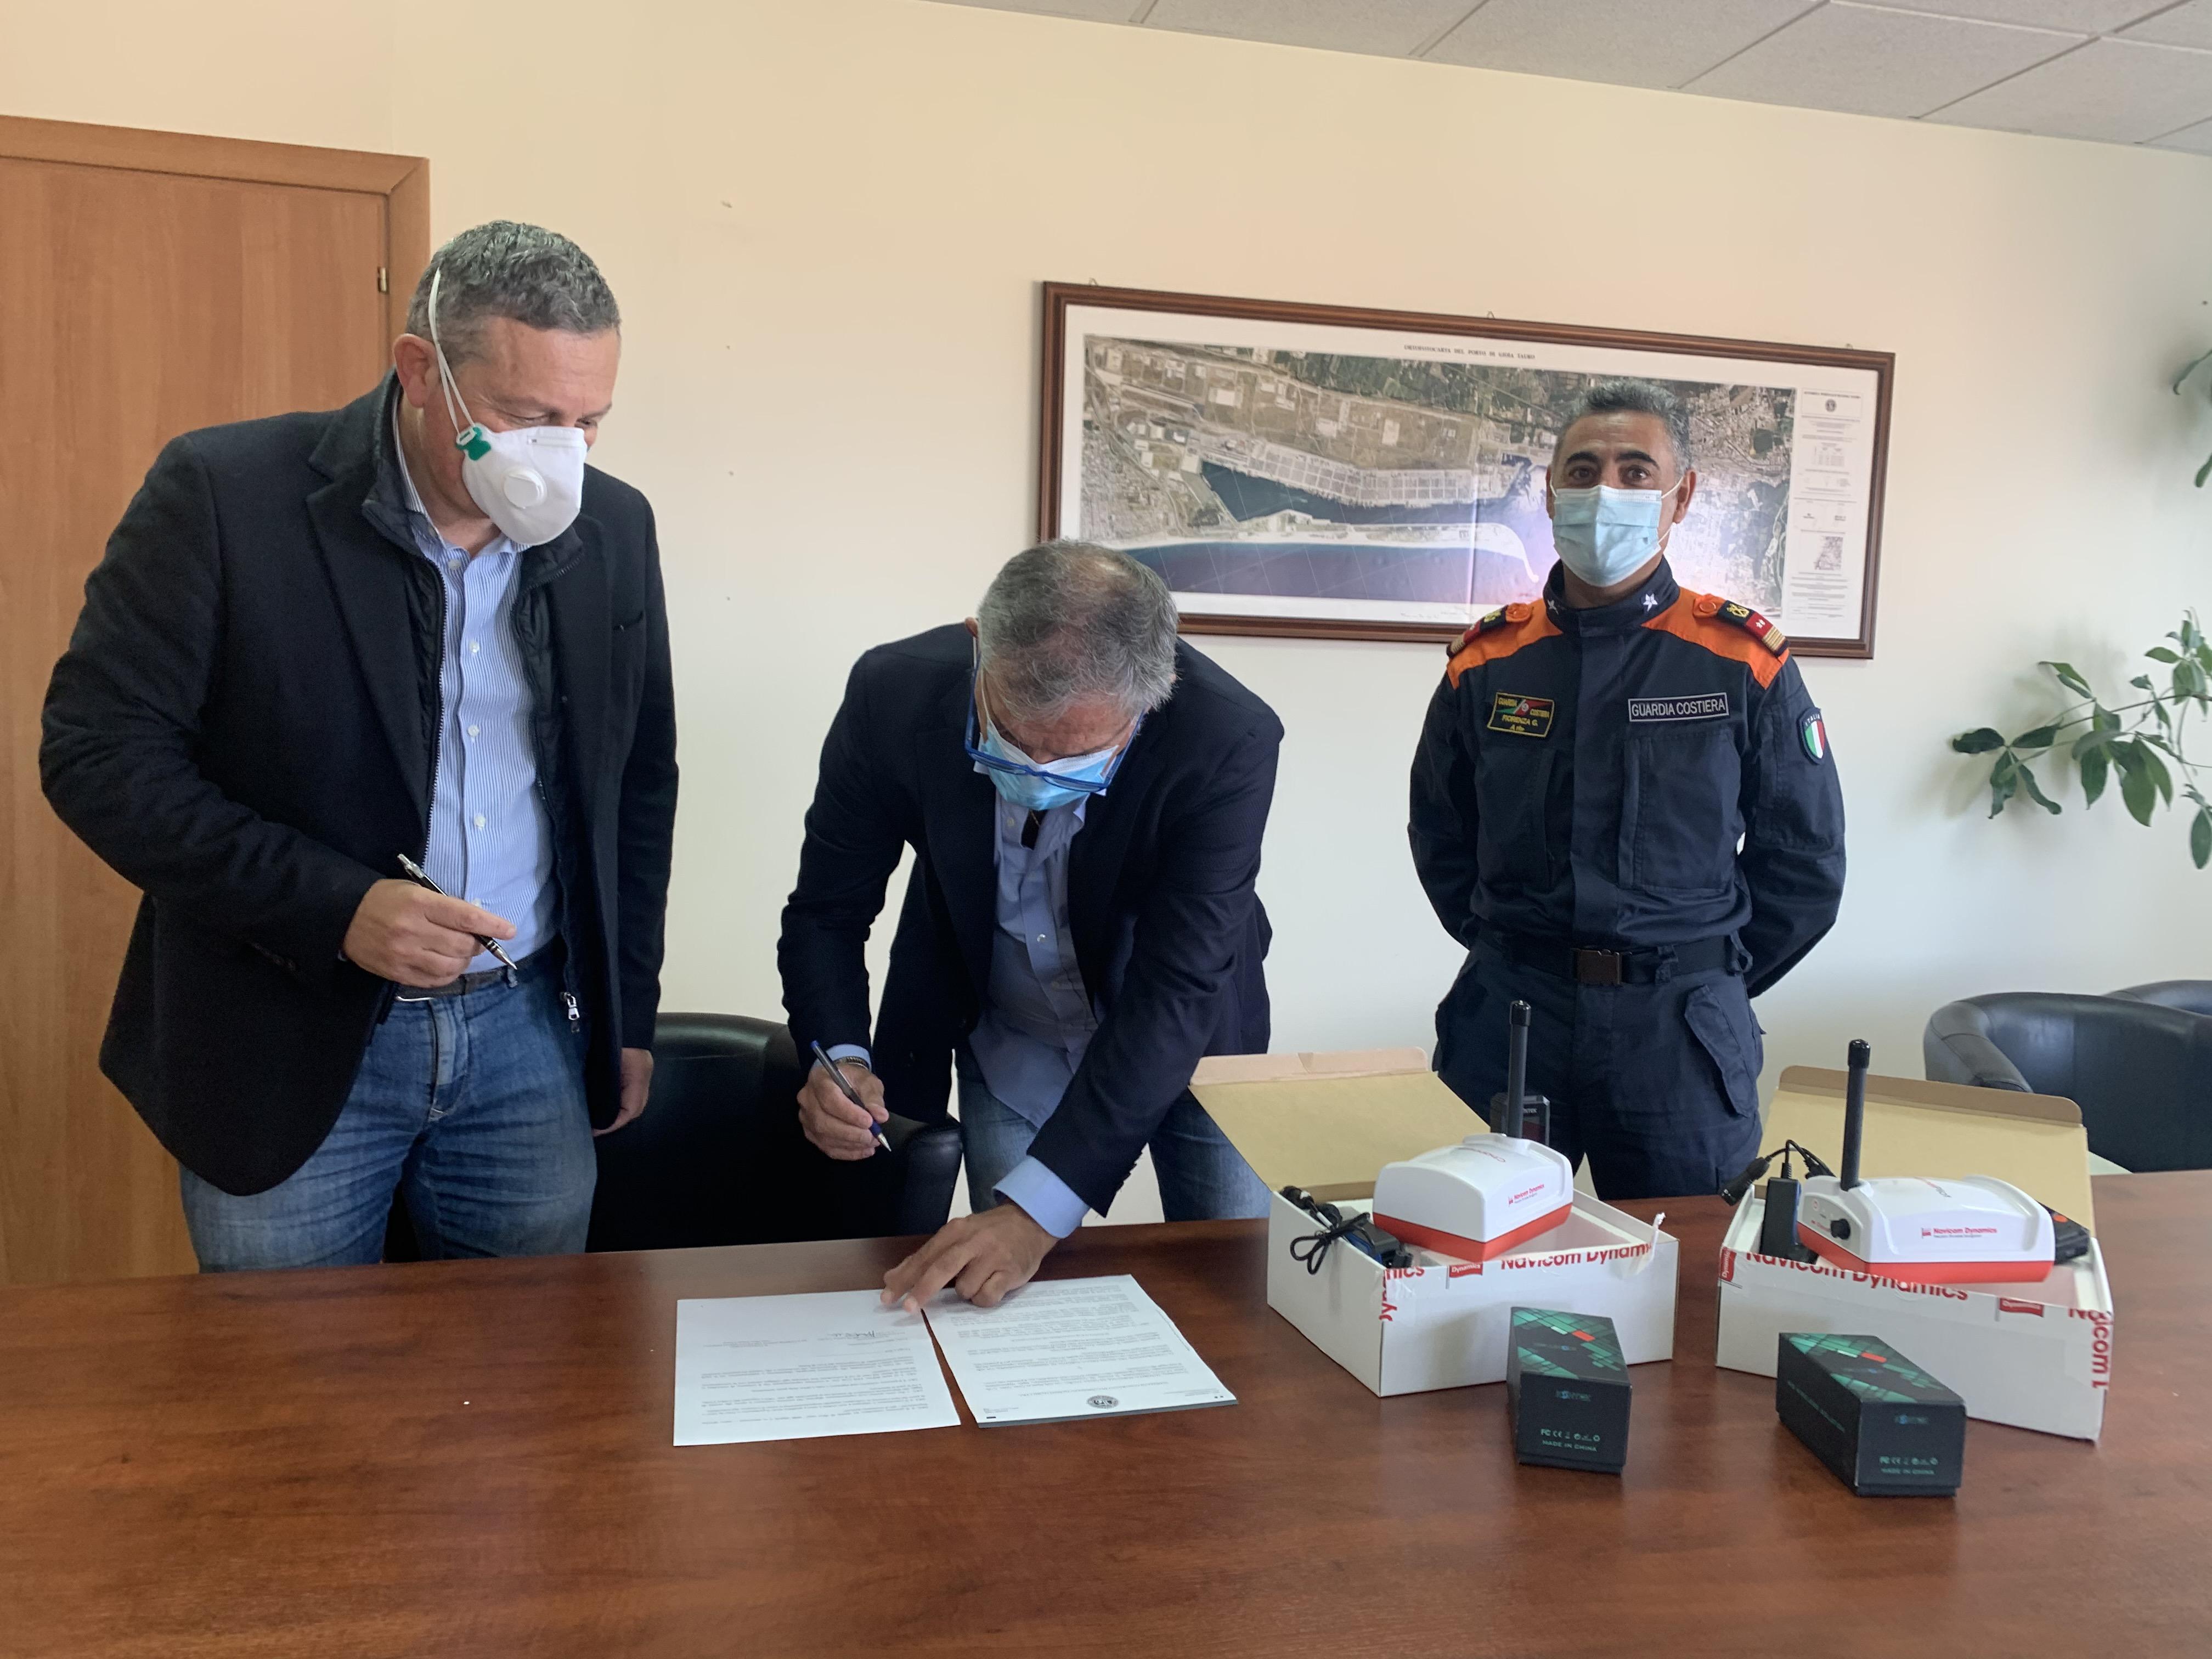 Autorità portuale di Gioia Tauro, acquistato nuovo sistema di rilevamento